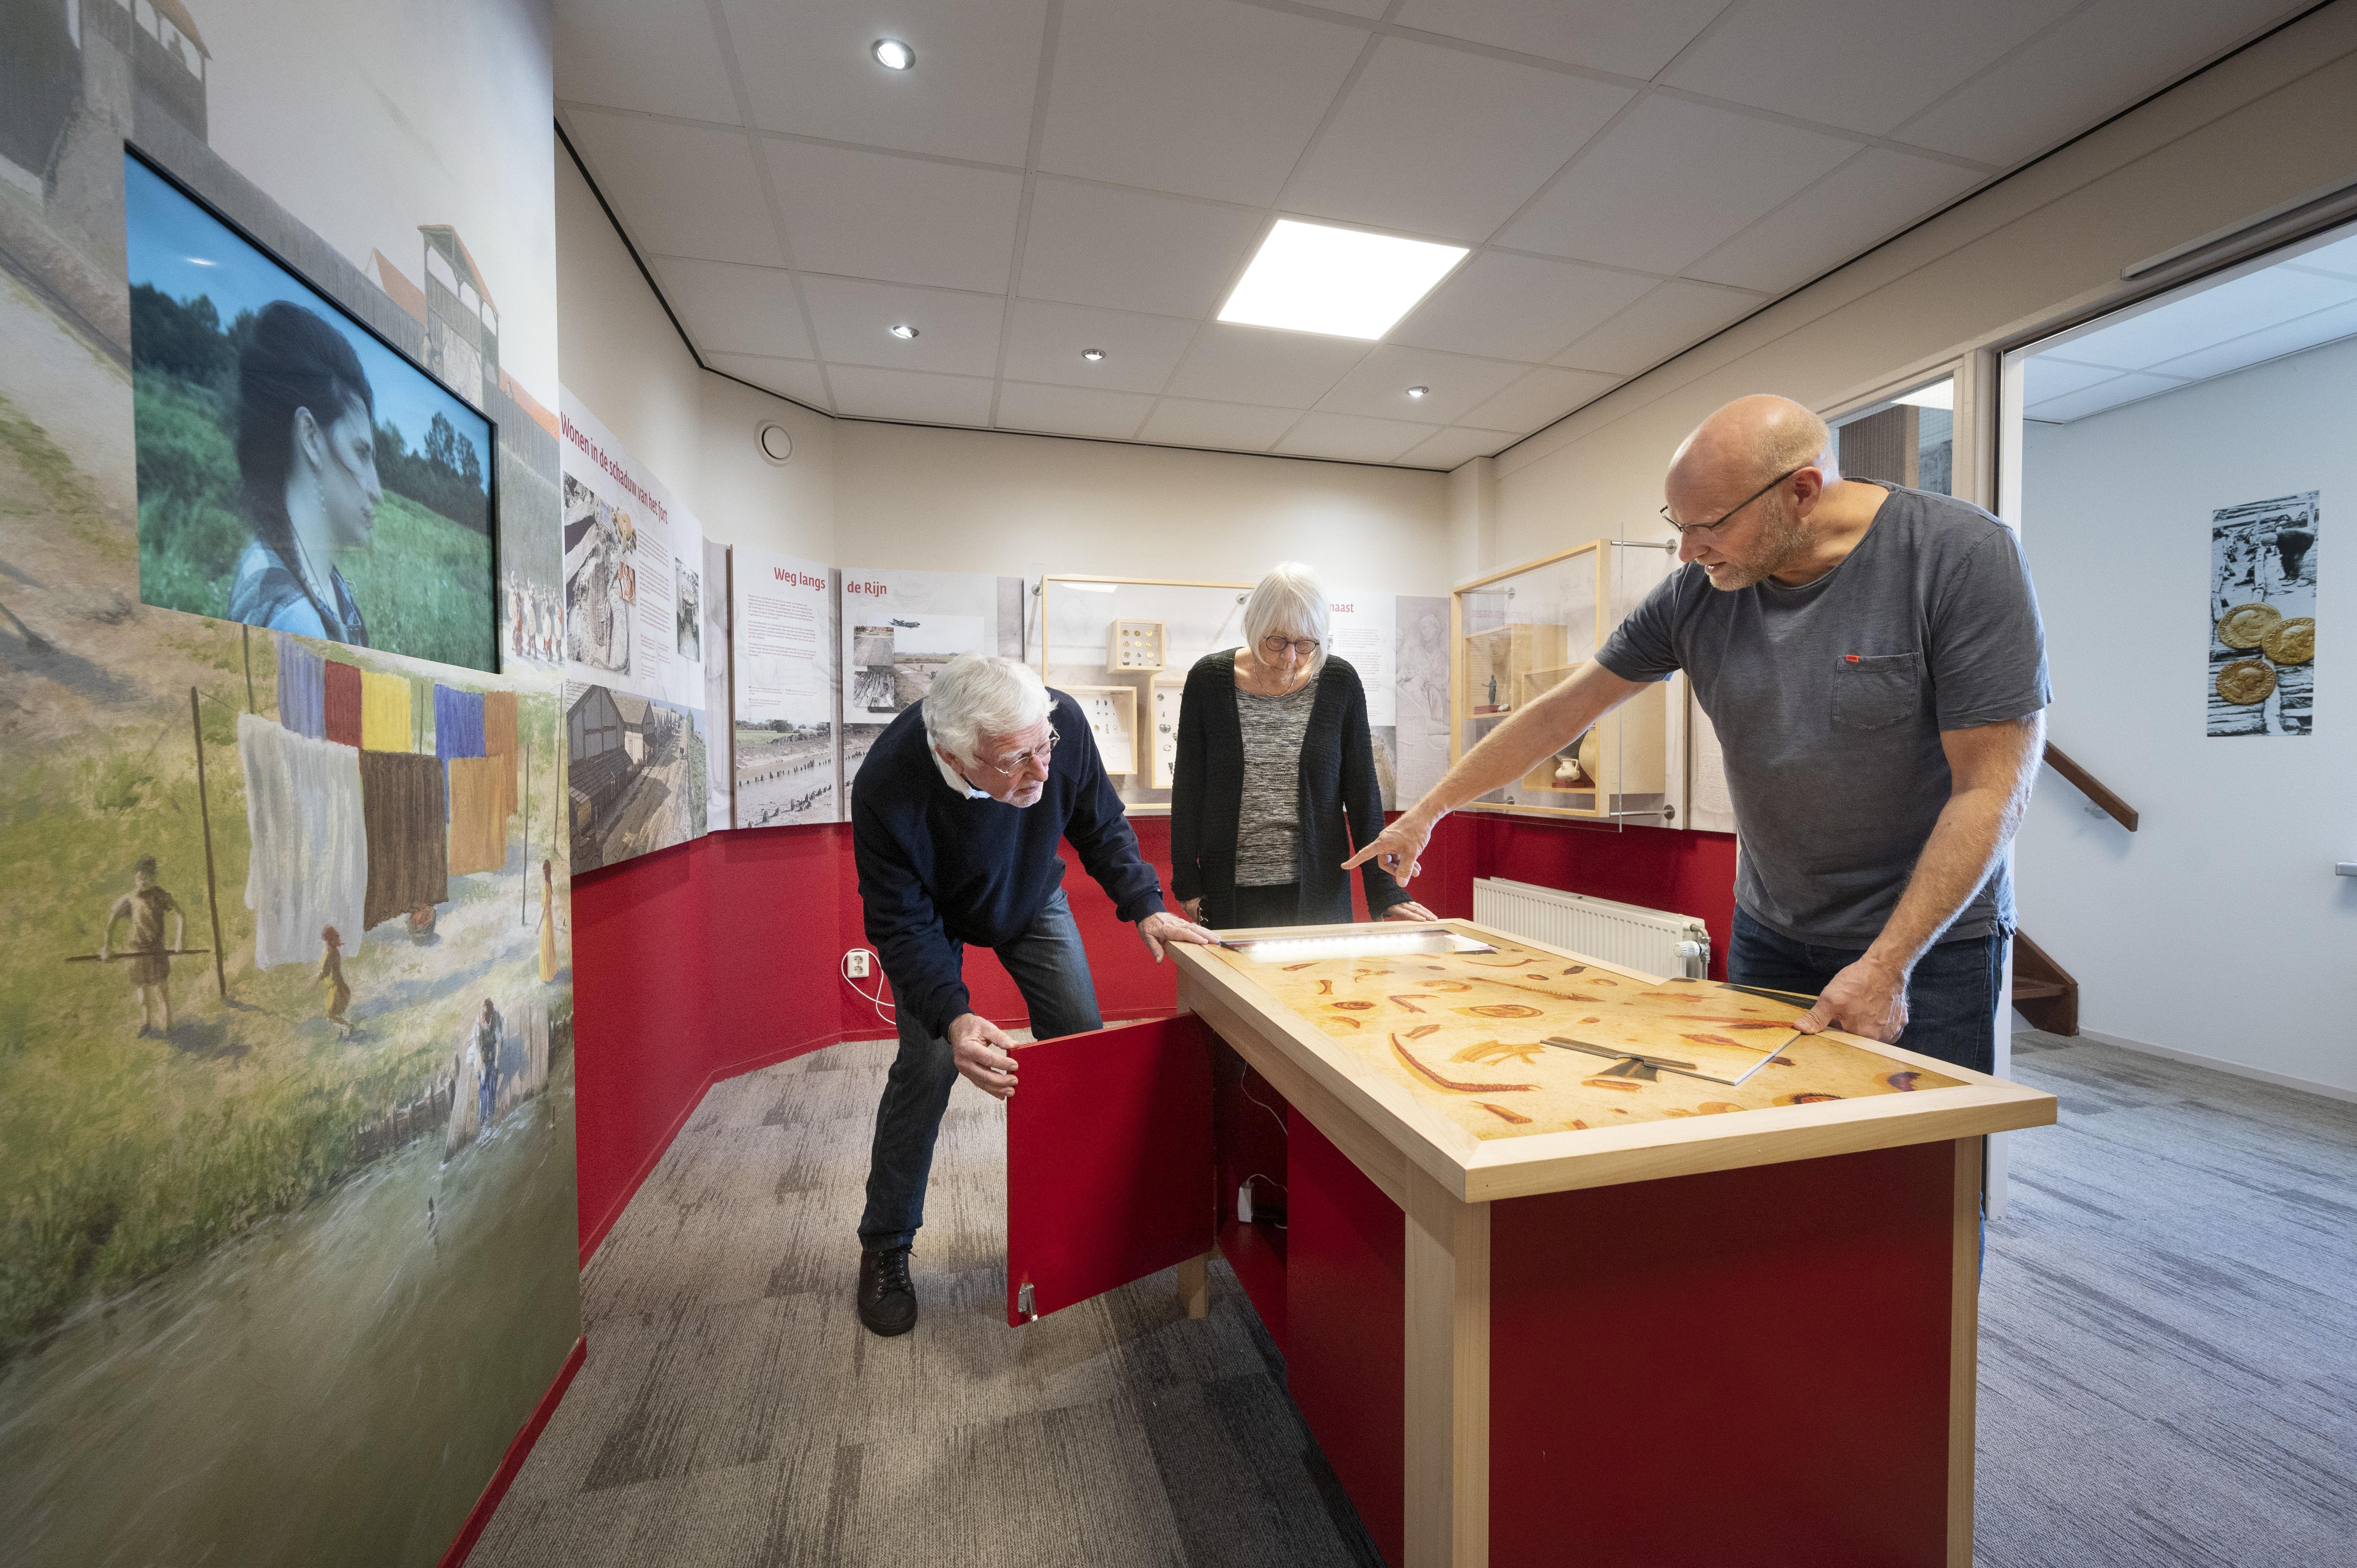 Torenmuseum Valkenburg in nieuw historisch jasje: expositie over Romeinse 'Vinexwijk' van tweeduizend jaar geleden